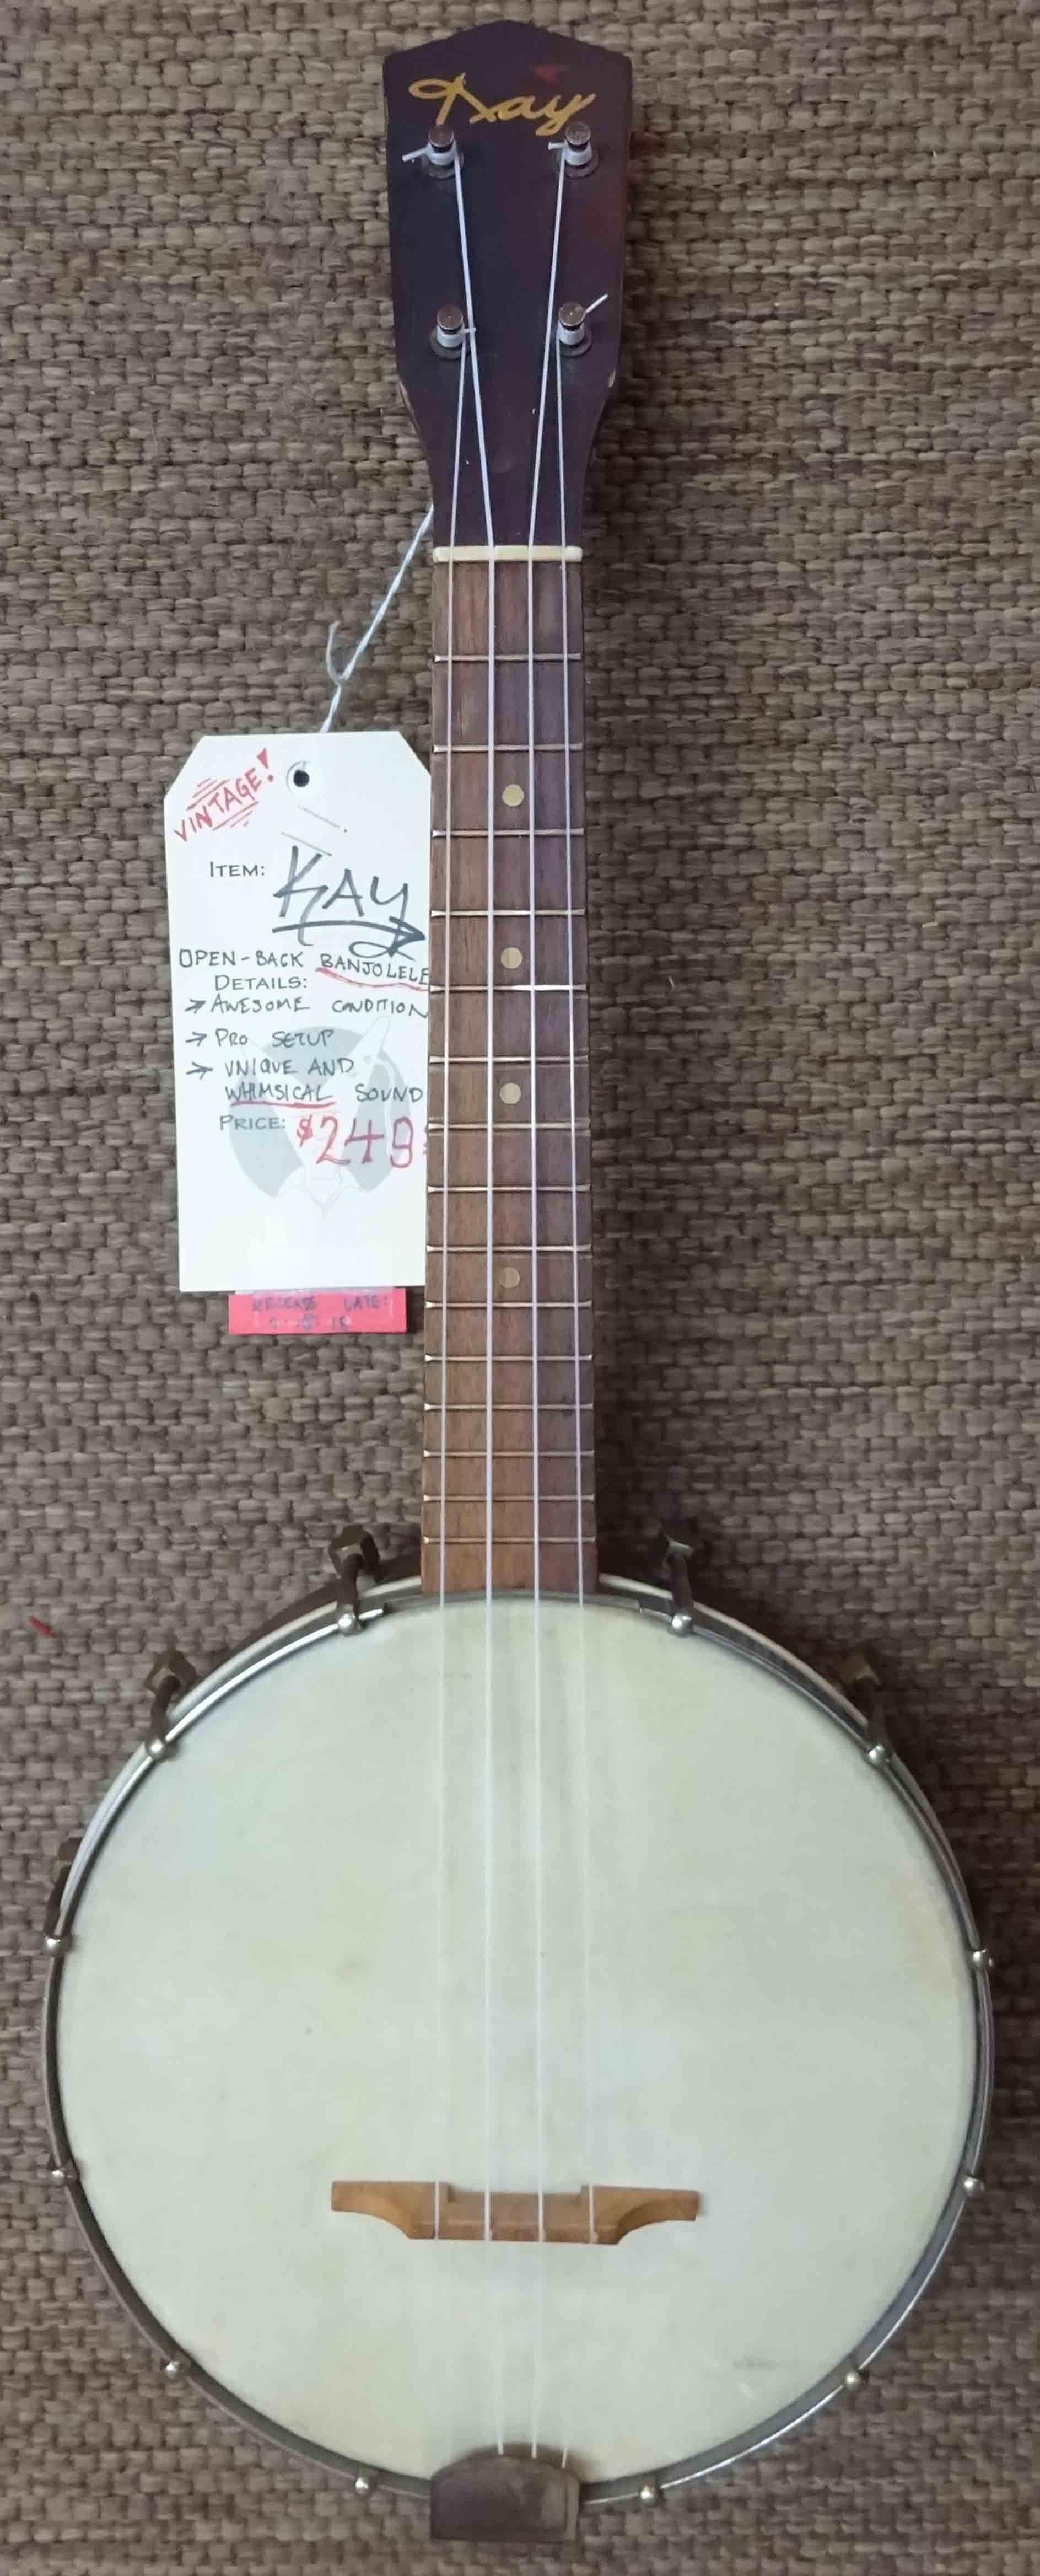 Kay banjo datingdating parit hartaus tutkimus